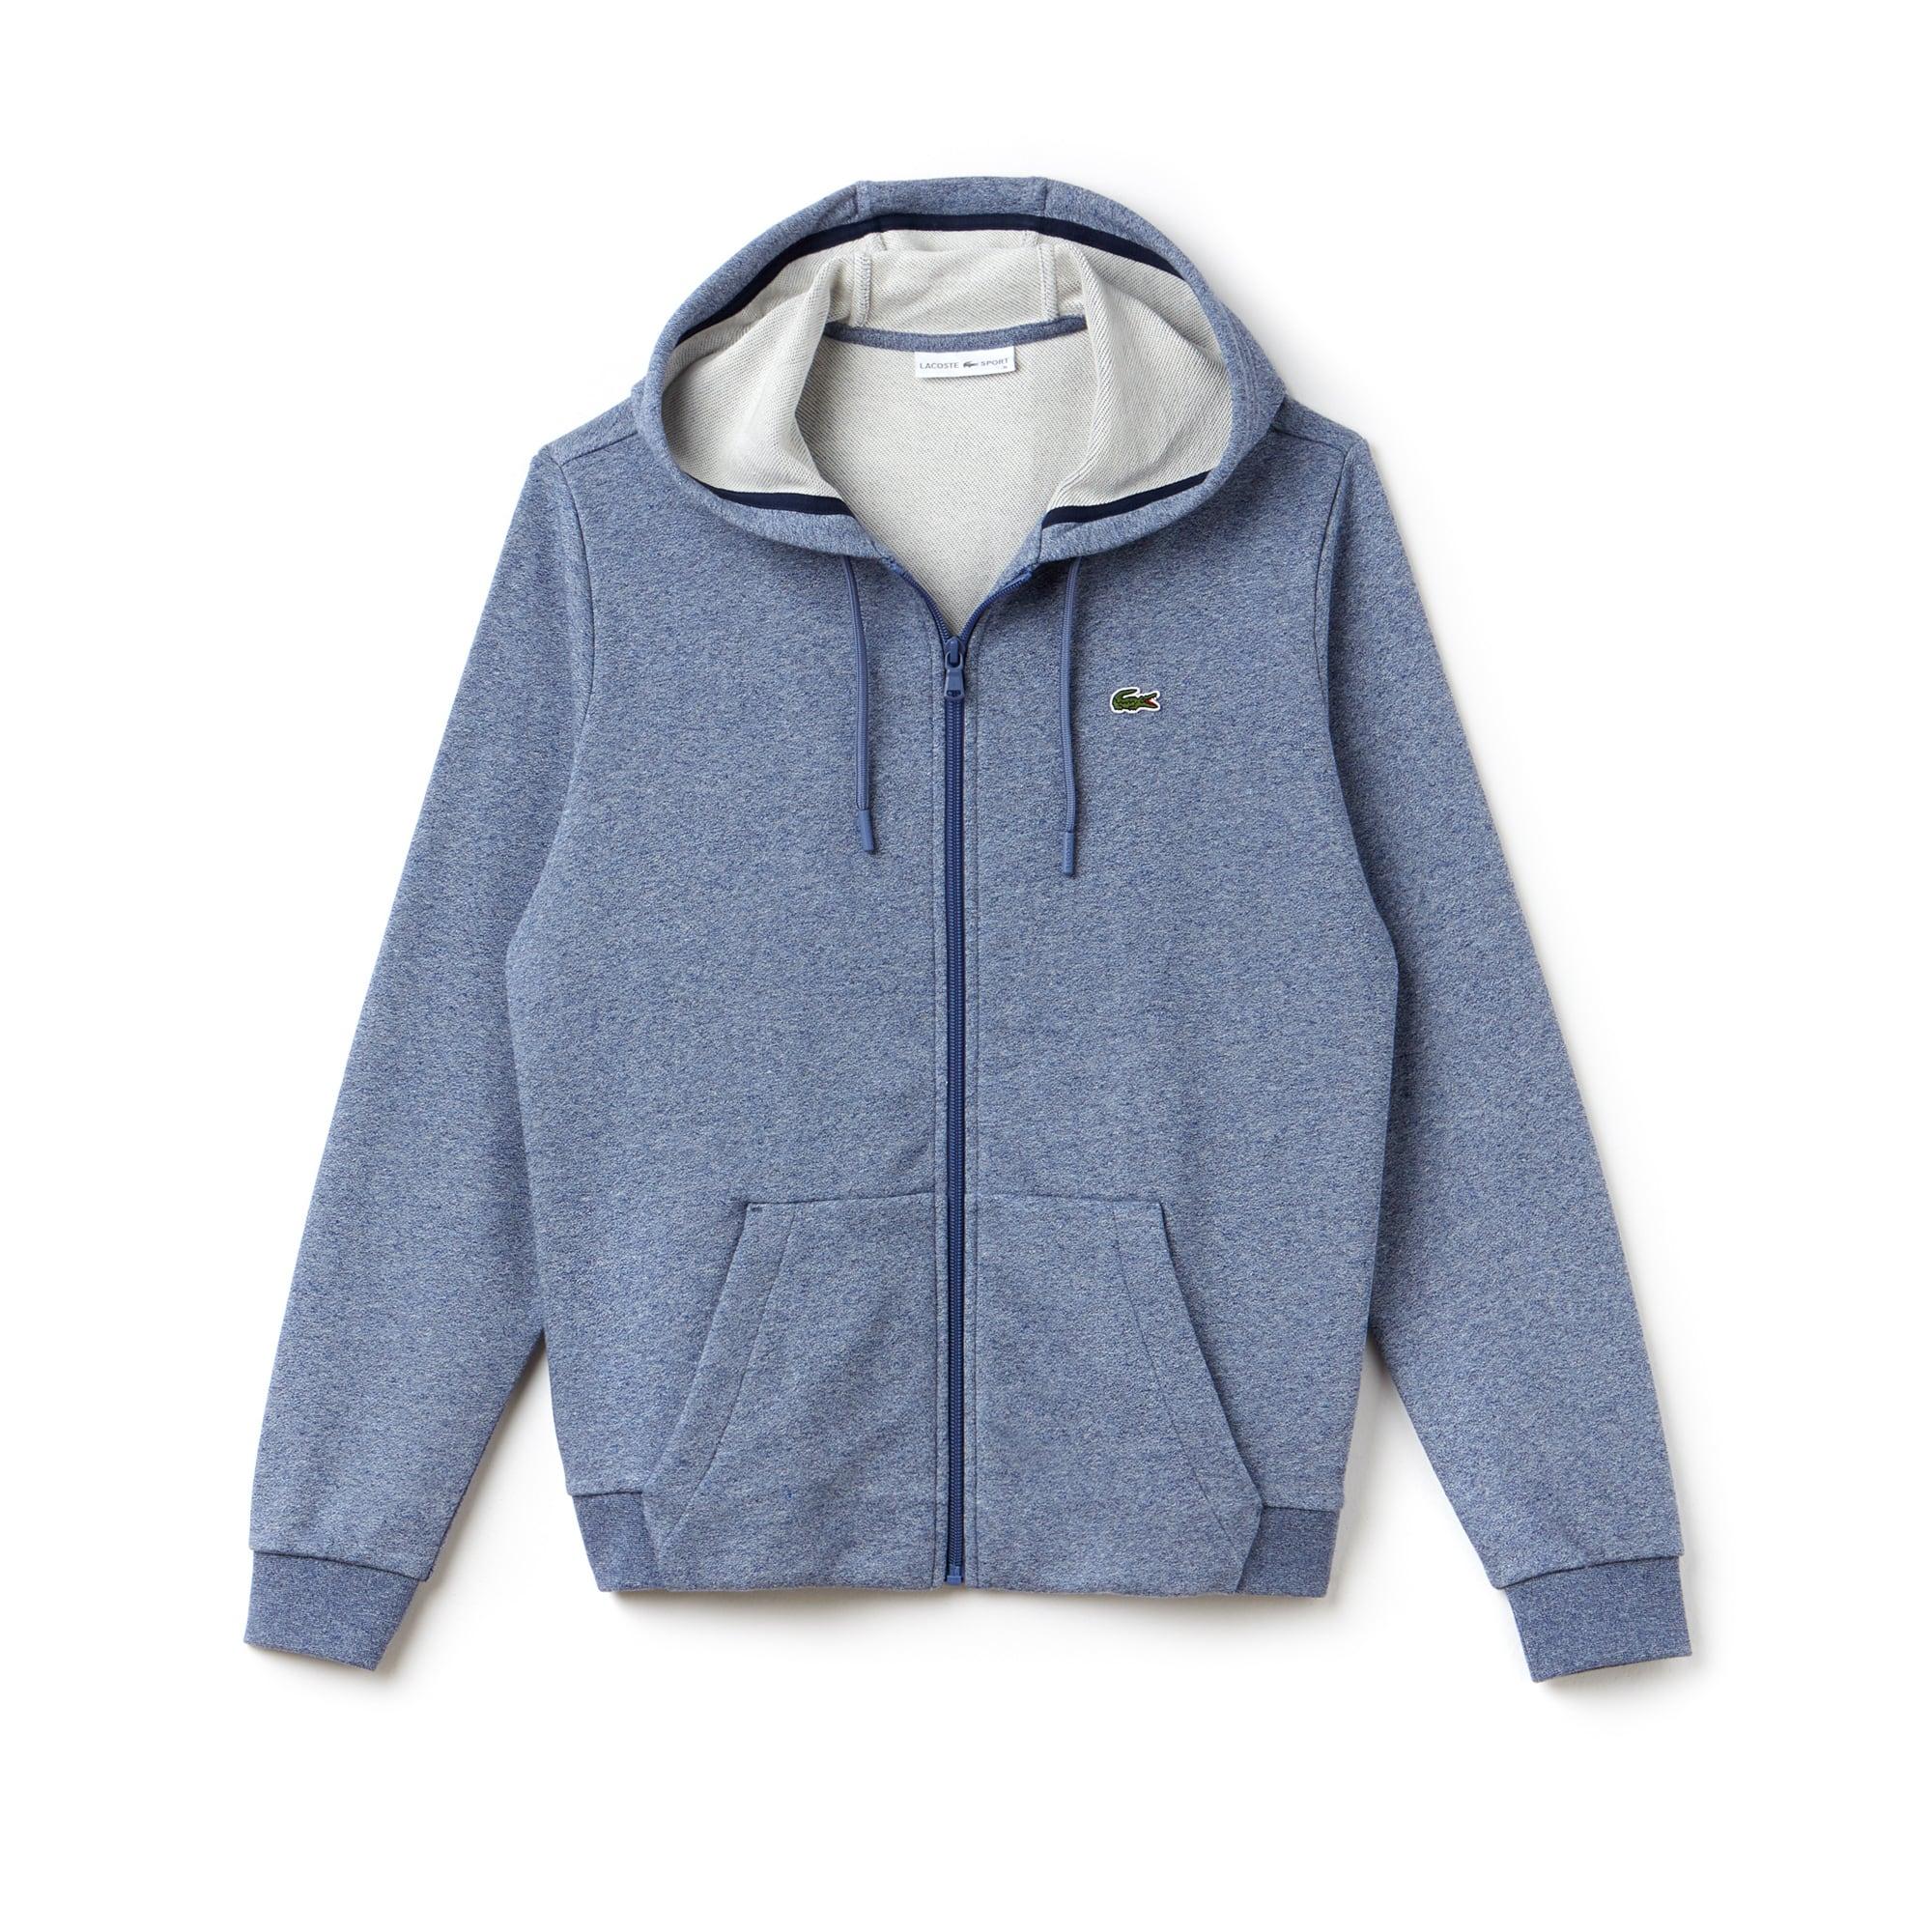 라코스테 스포츠 집업 후드티 Womens Lacoste SPORT Tennis Hooded Zippered Fleece Sweatshirt,marino jaspe/navy blue